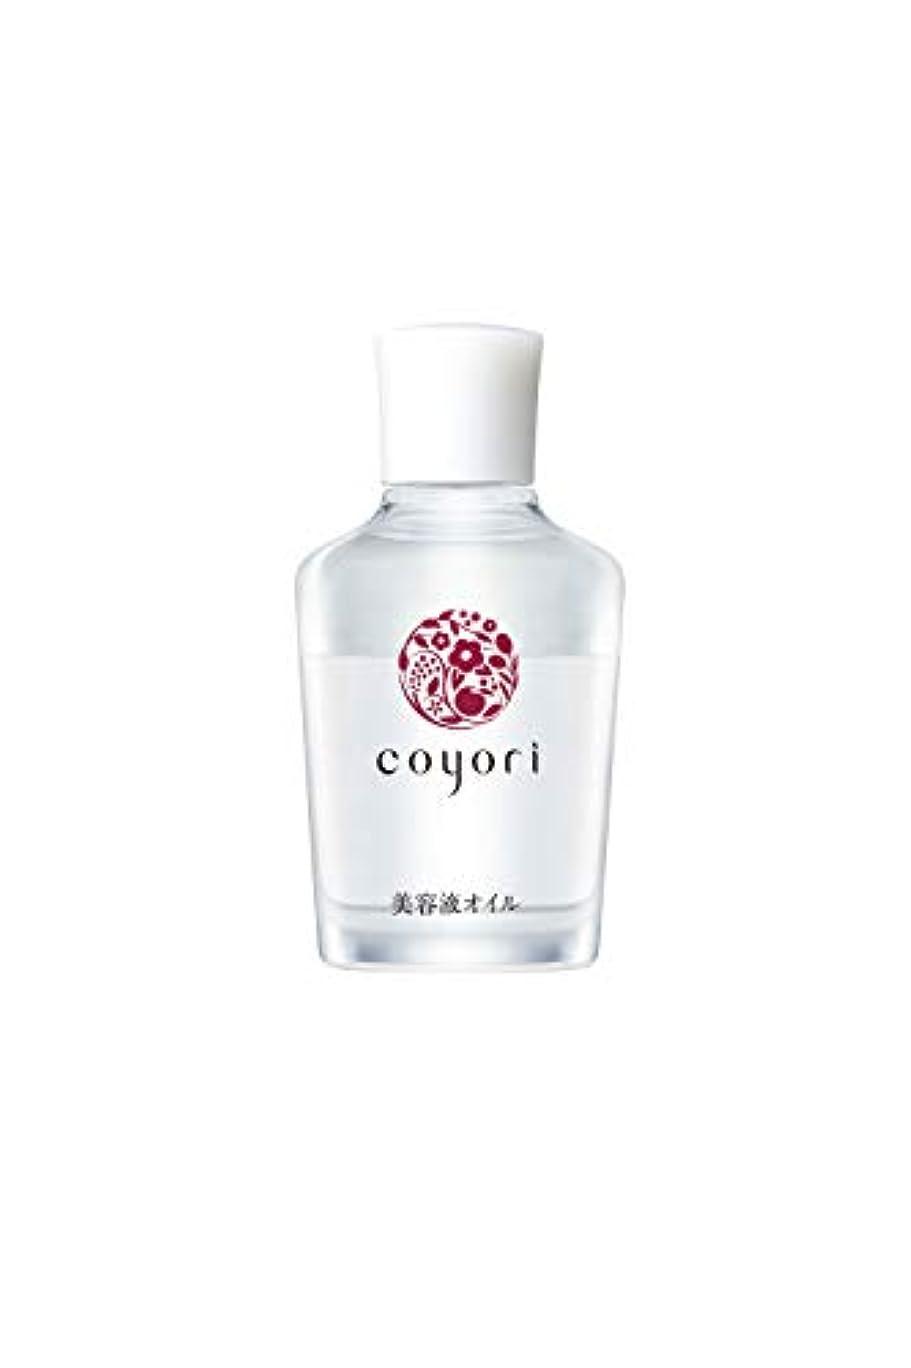 微生物樹皮管理しますCoyori コヨリ 美容液オイル 40mL 無添加[高機能 自然派 エイジングケア 乾燥肌 敏感肌 くすみ 乾燥 小じわ 対策用 もっちり ハリ ツヤ フェイスオイル ]